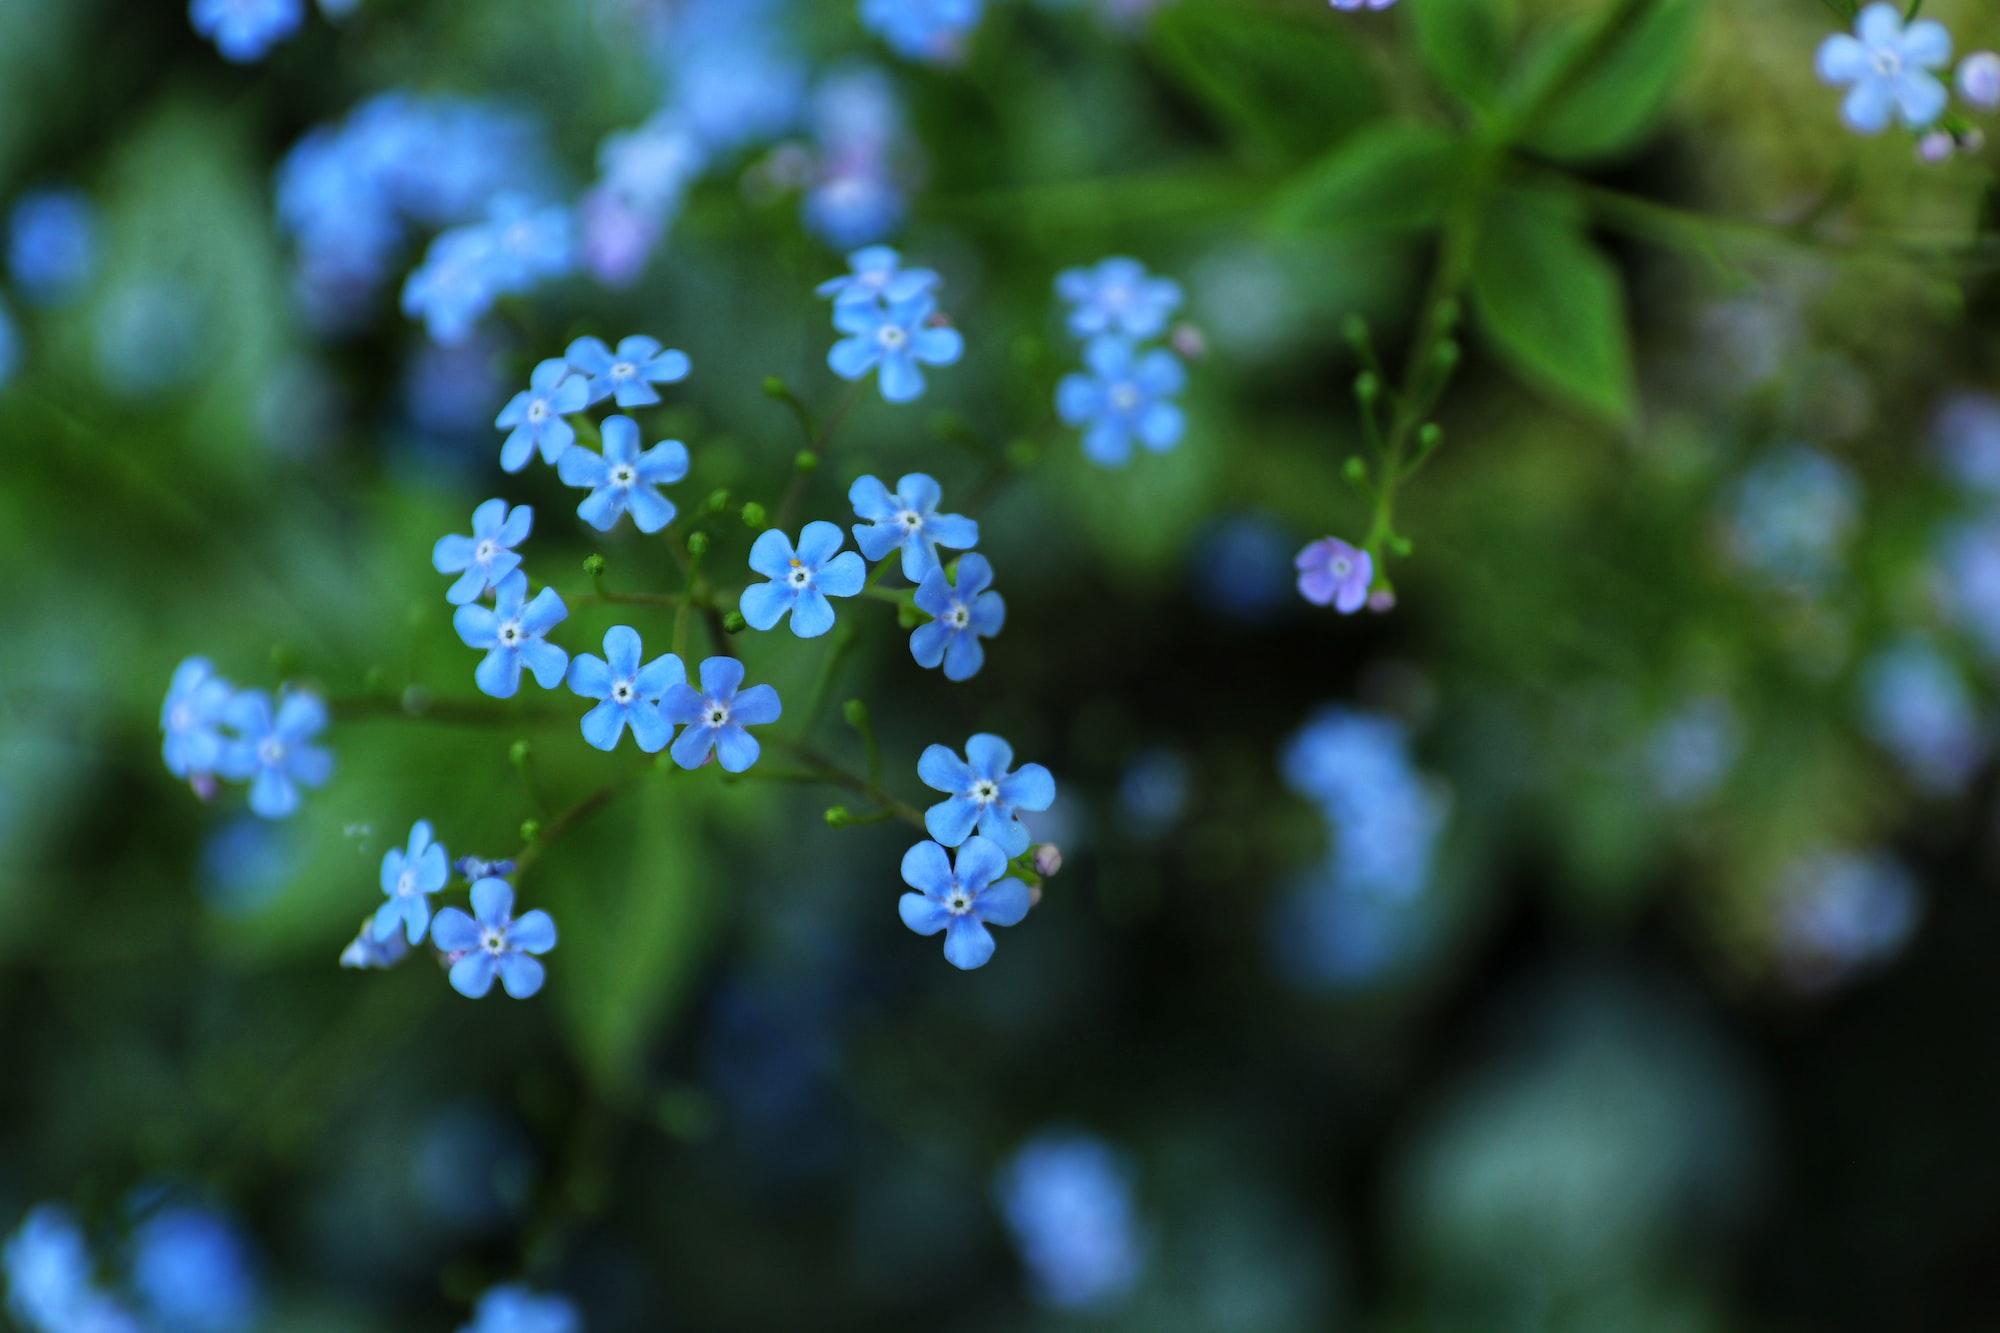 Flor Myosotis, más conocida como nomeolvides